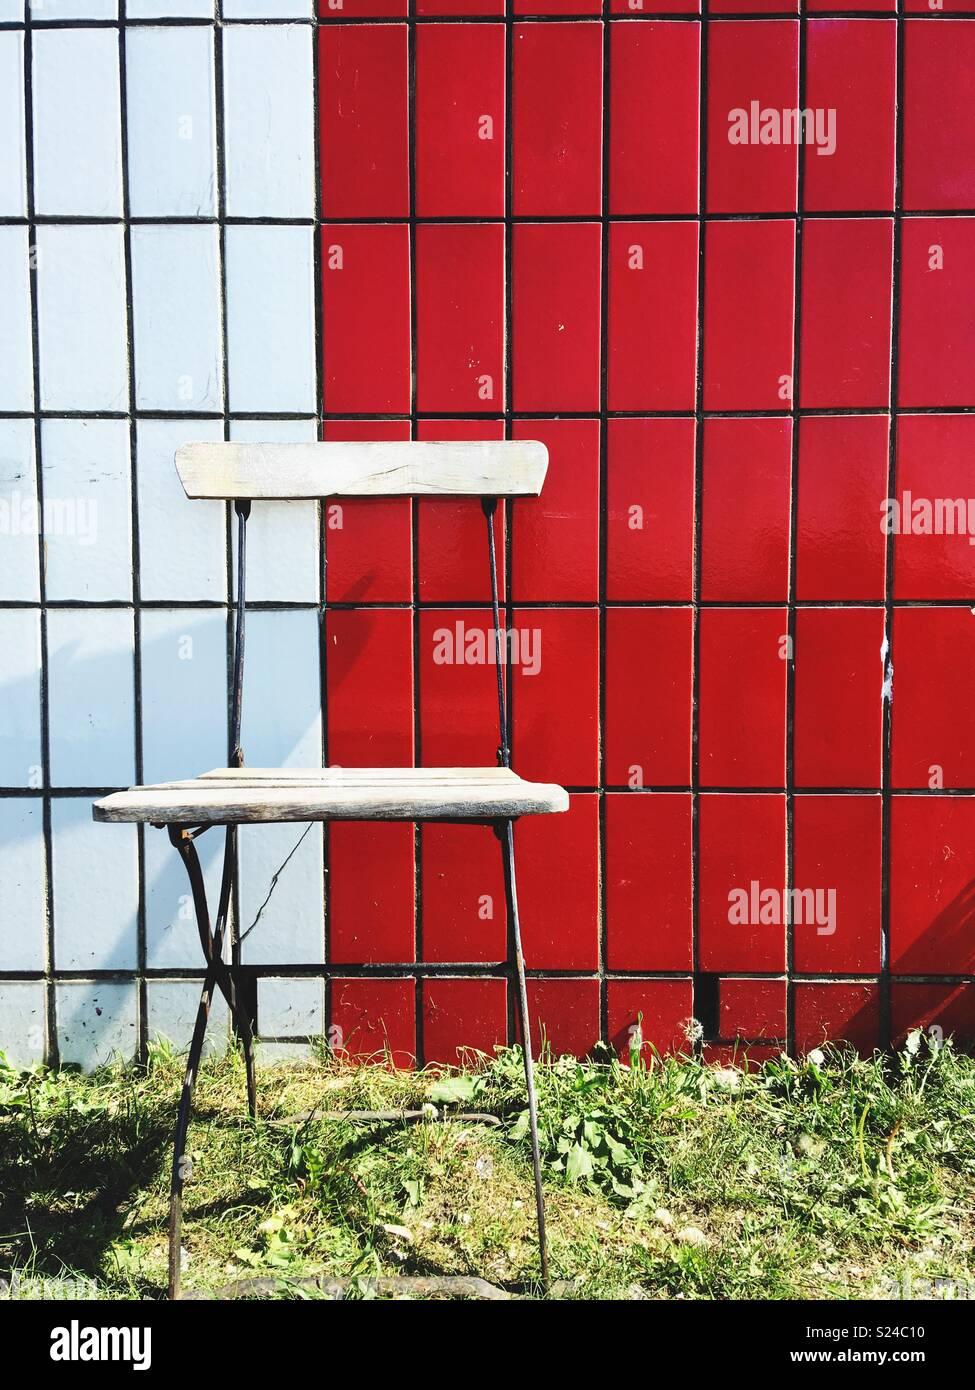 Una silla de jardín de madera contra una pared de baldosas rojas y blancas Imagen De Stock